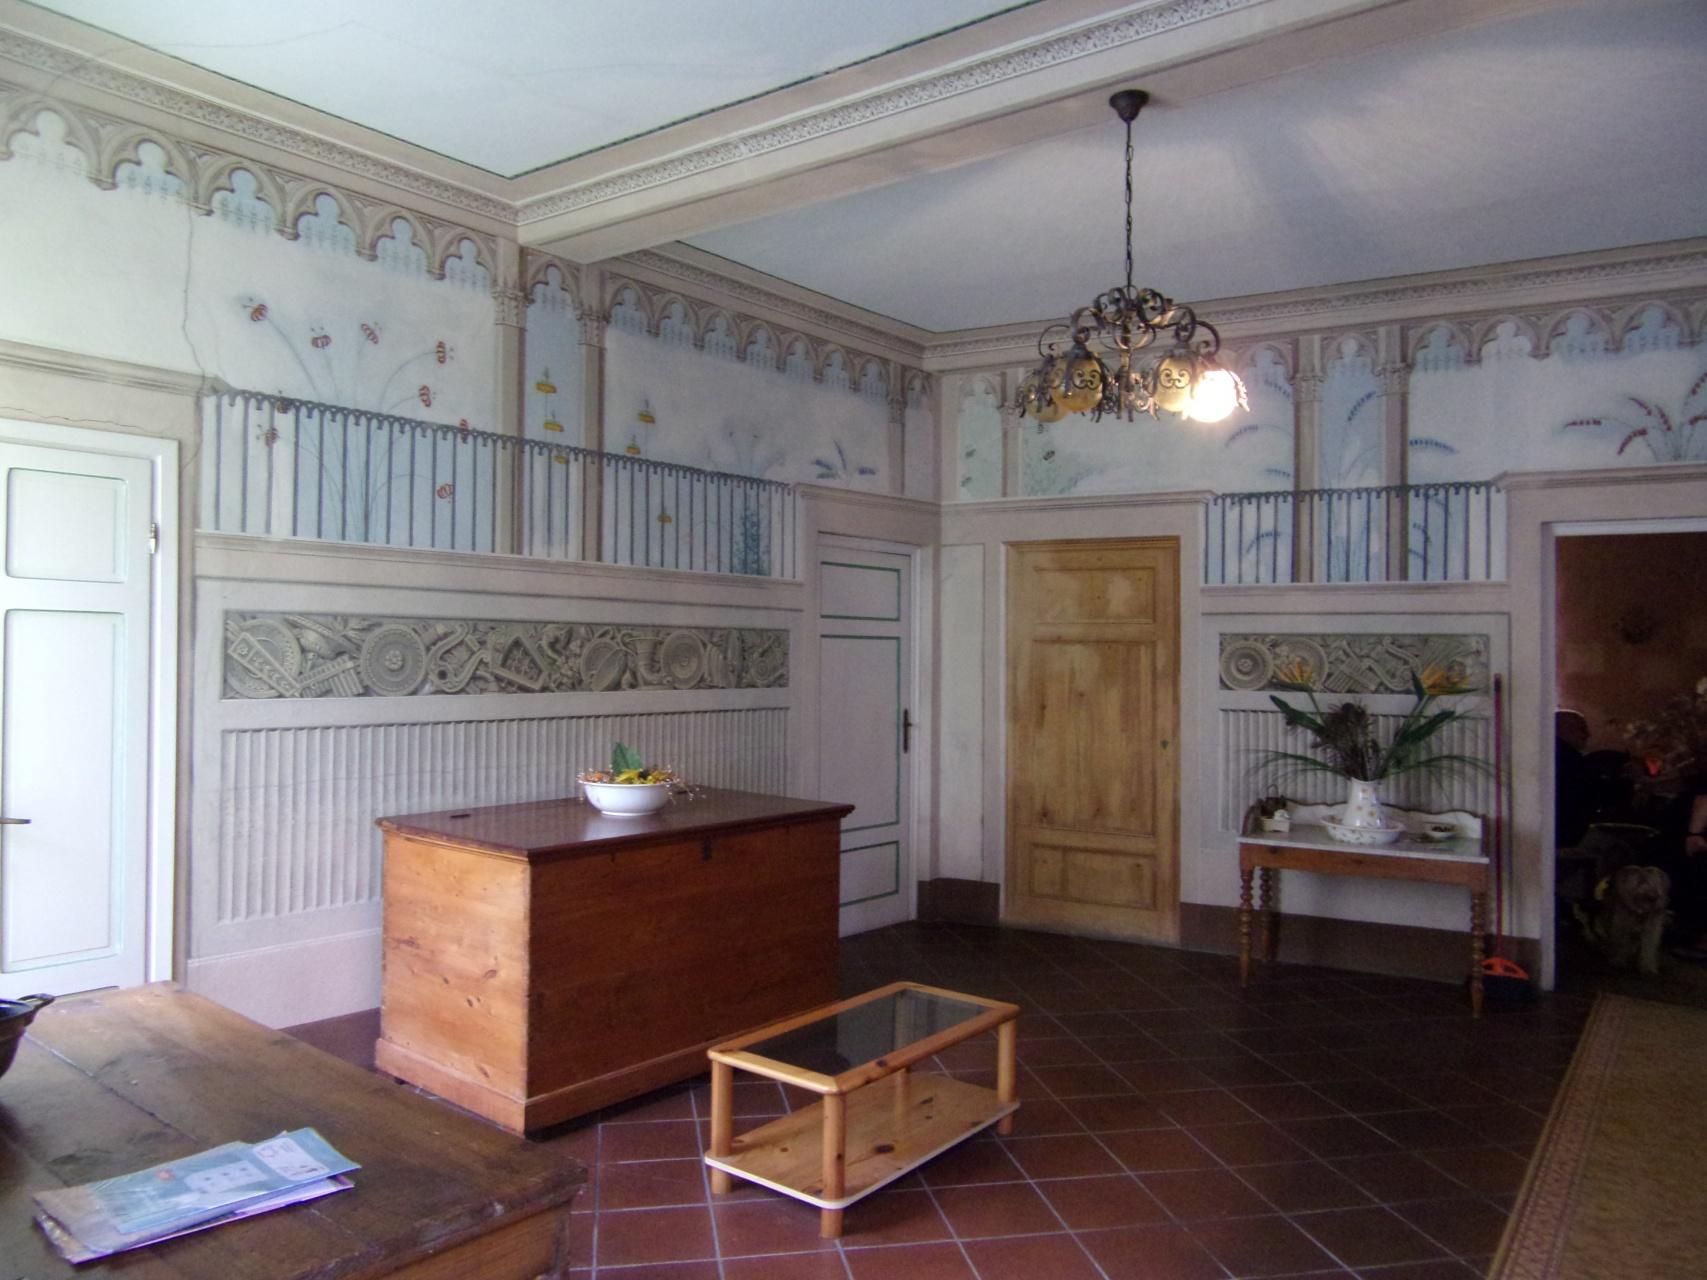 foto Grande appartamento con terrazza, parte di un dimora storica a Bagni di Lucca, Toscana